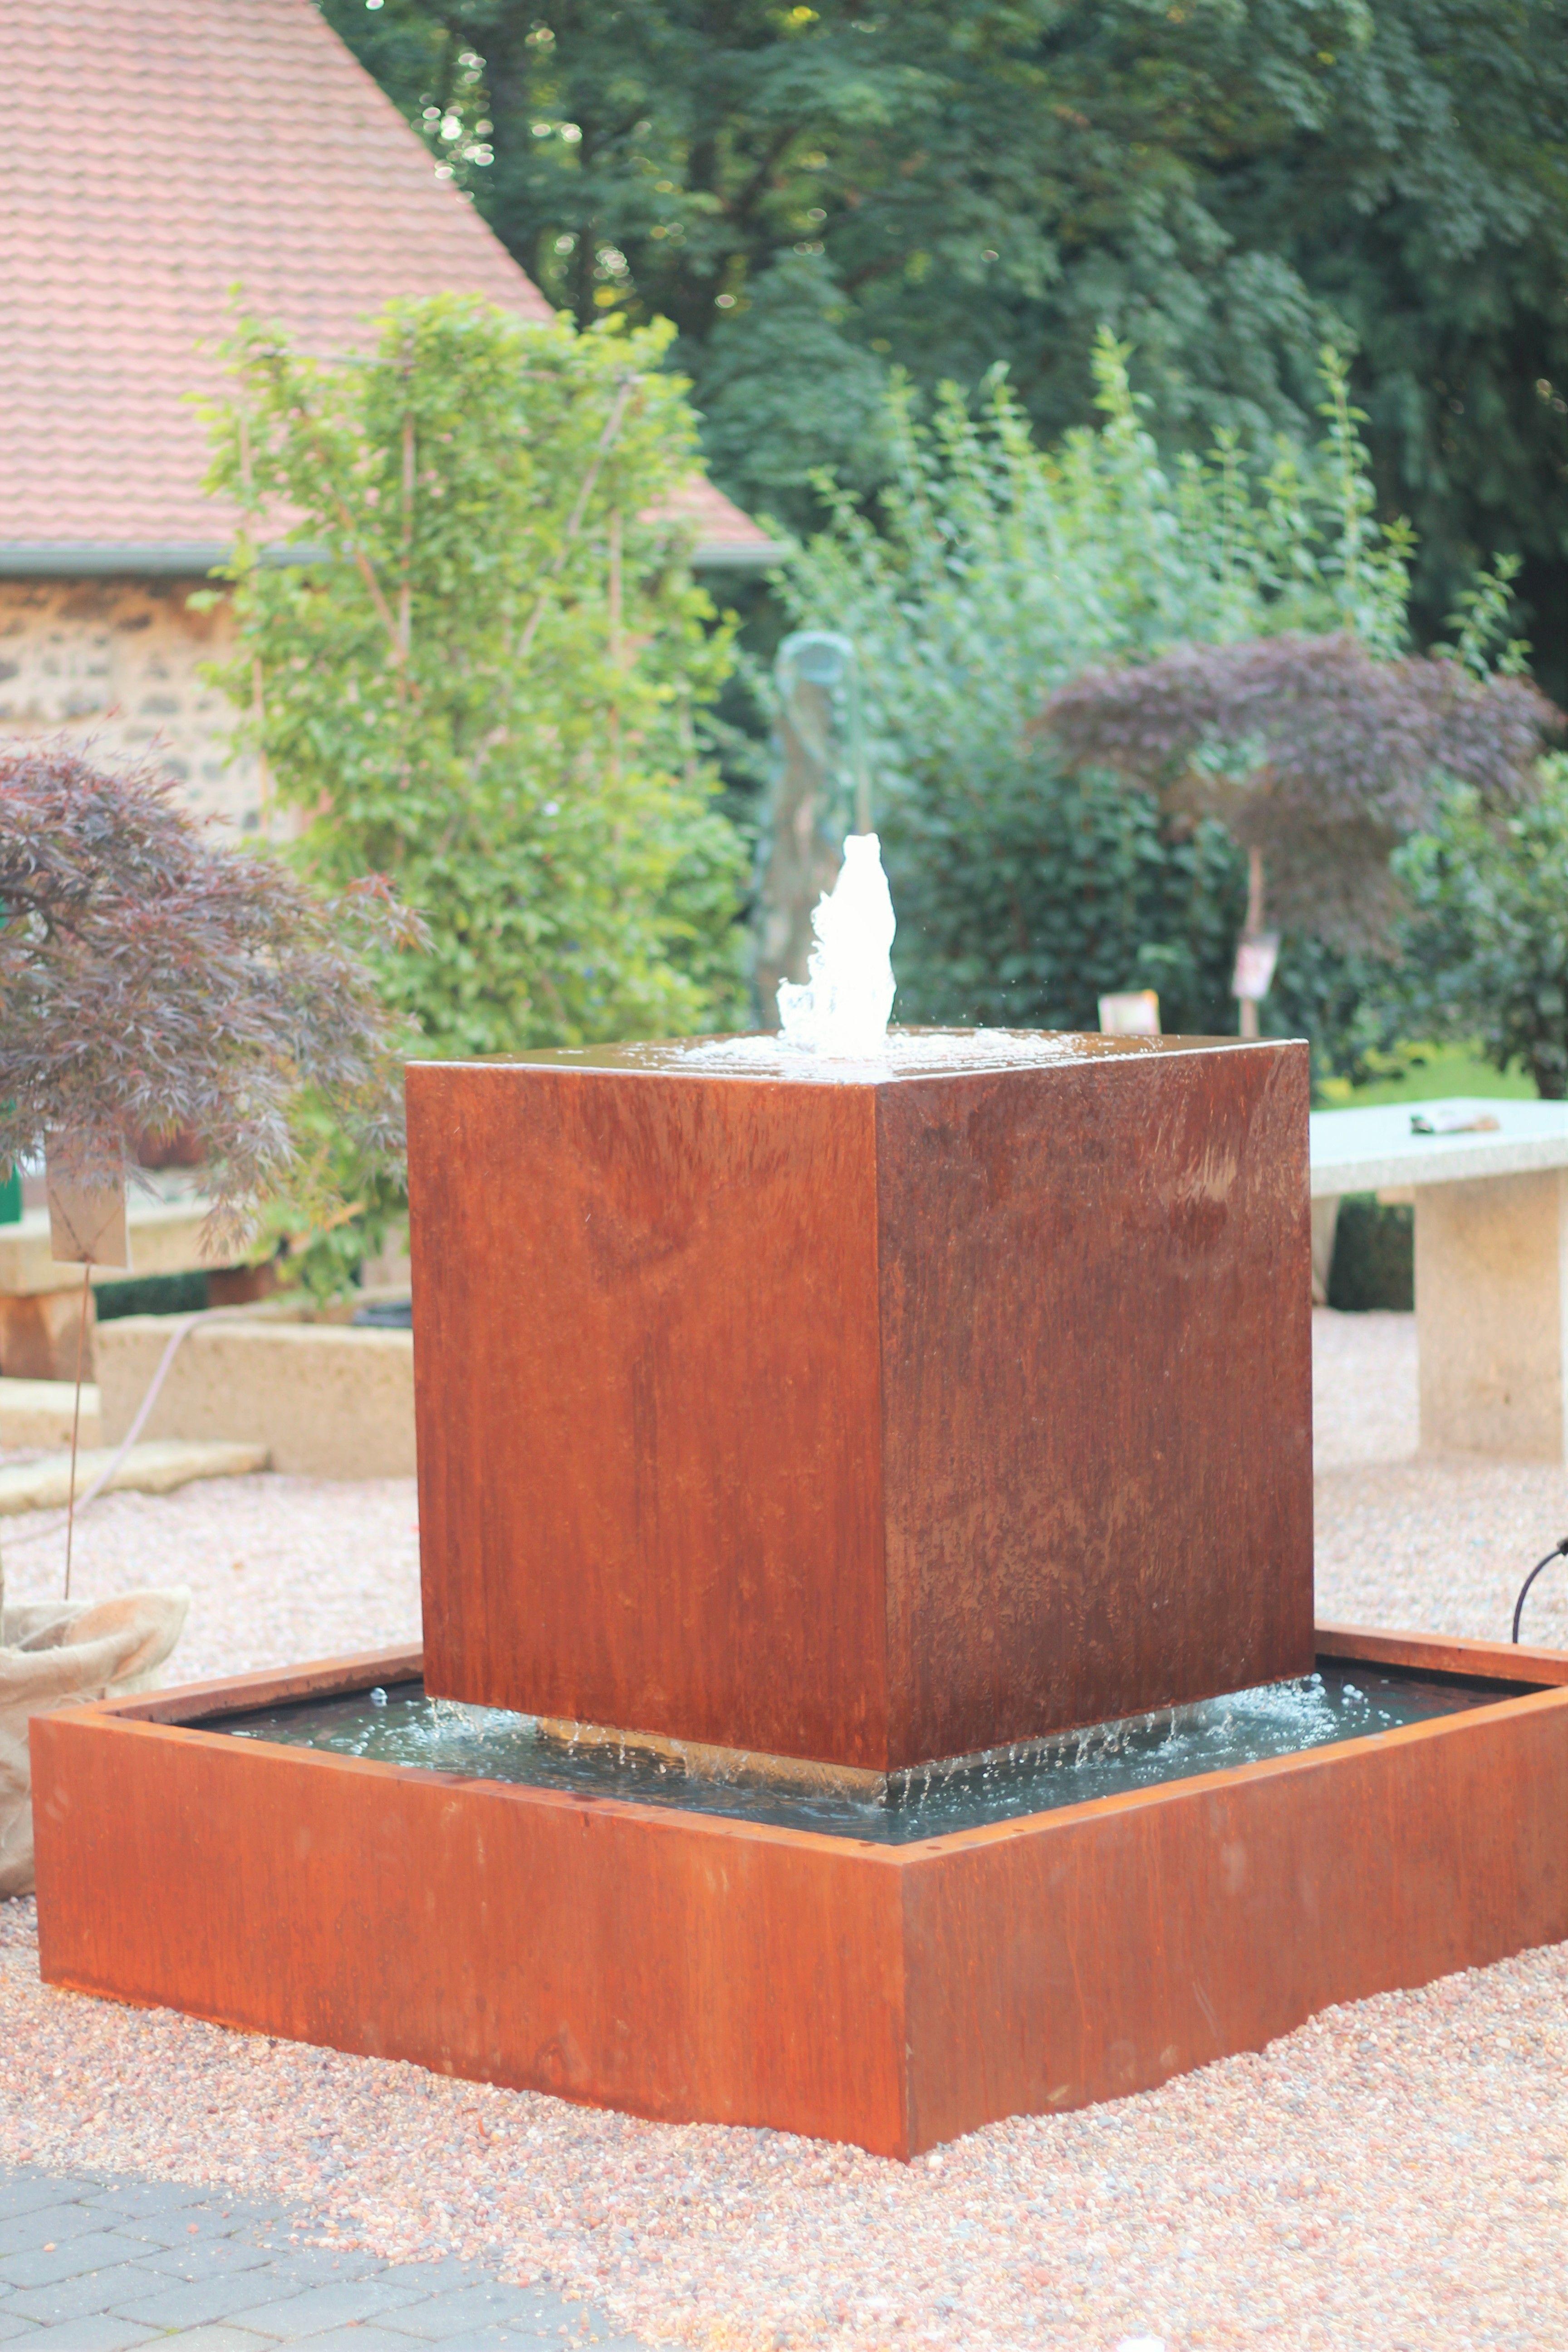 wasserspiel springbrunnen brunnen cortenstahl kubus schwebender wrfel wasser im - Ideen Garten Brunnen Bauen Wasserspiele Brunnen Garten Beton Edelstahl Selber Machen